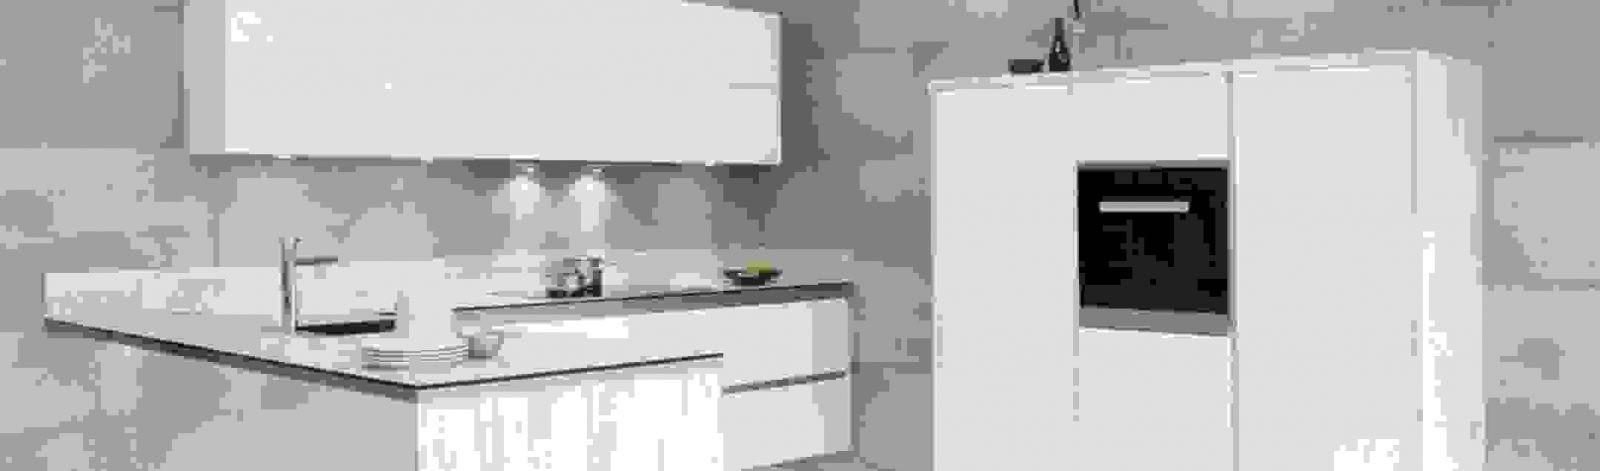 Alma Küchenhersteller  Küchen Direkt Vom Hersteller Kaufen von Küchen Direkt Vom Hersteller Bild